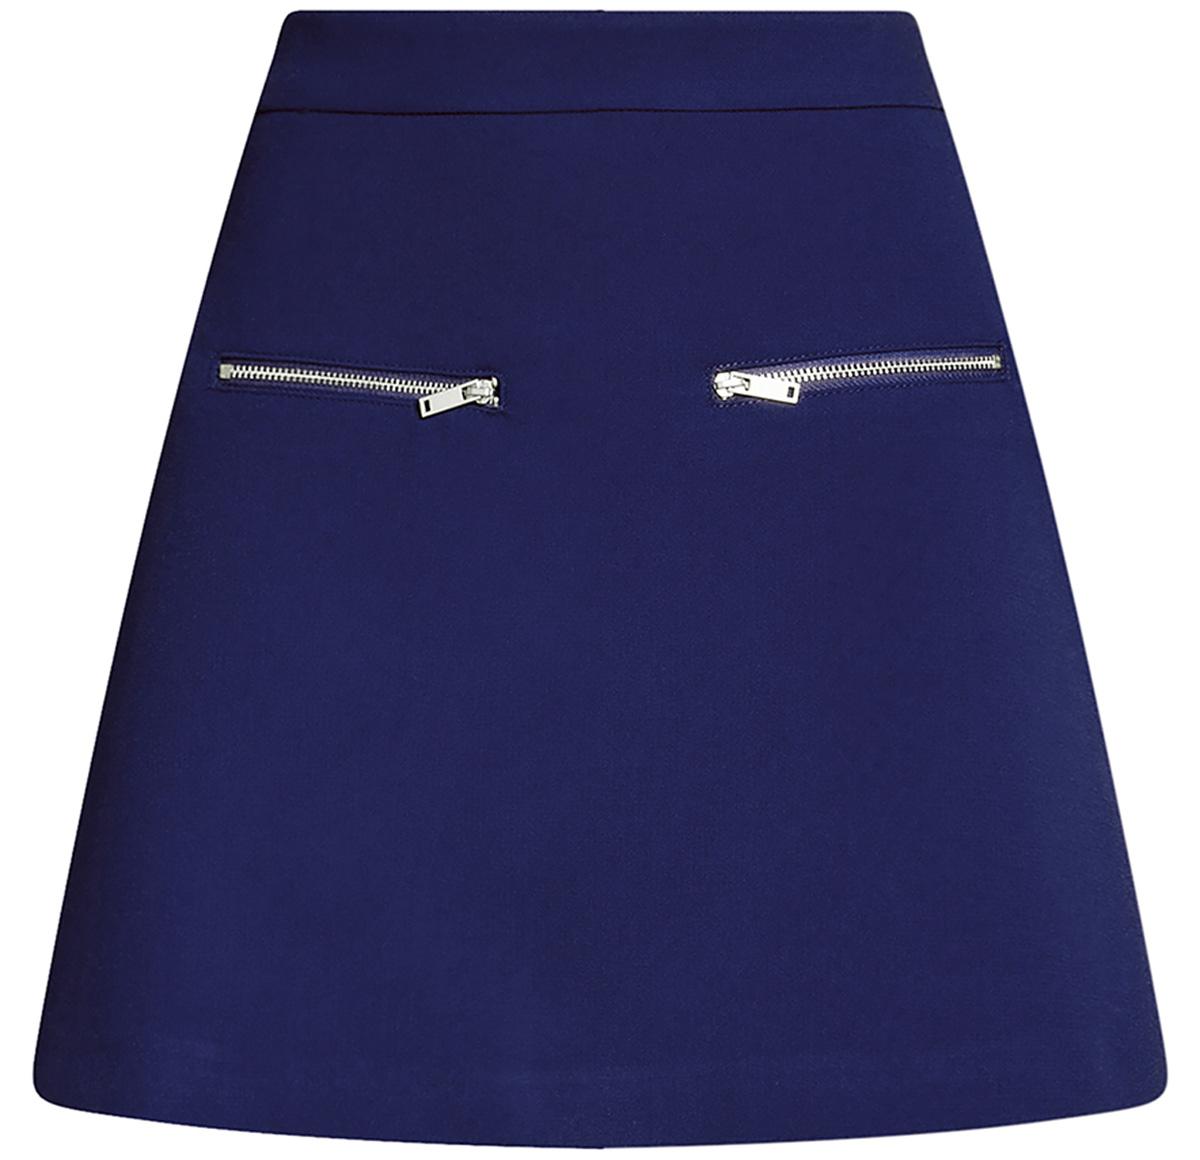 Юбка11600436/31291/1200NСтильная мини--юбка в форме трапеции выполнена из высококачественного материала. Спереди модель декорирована металлическими молниями. Сзади юбка застегивается на потайную застежку-молнию.